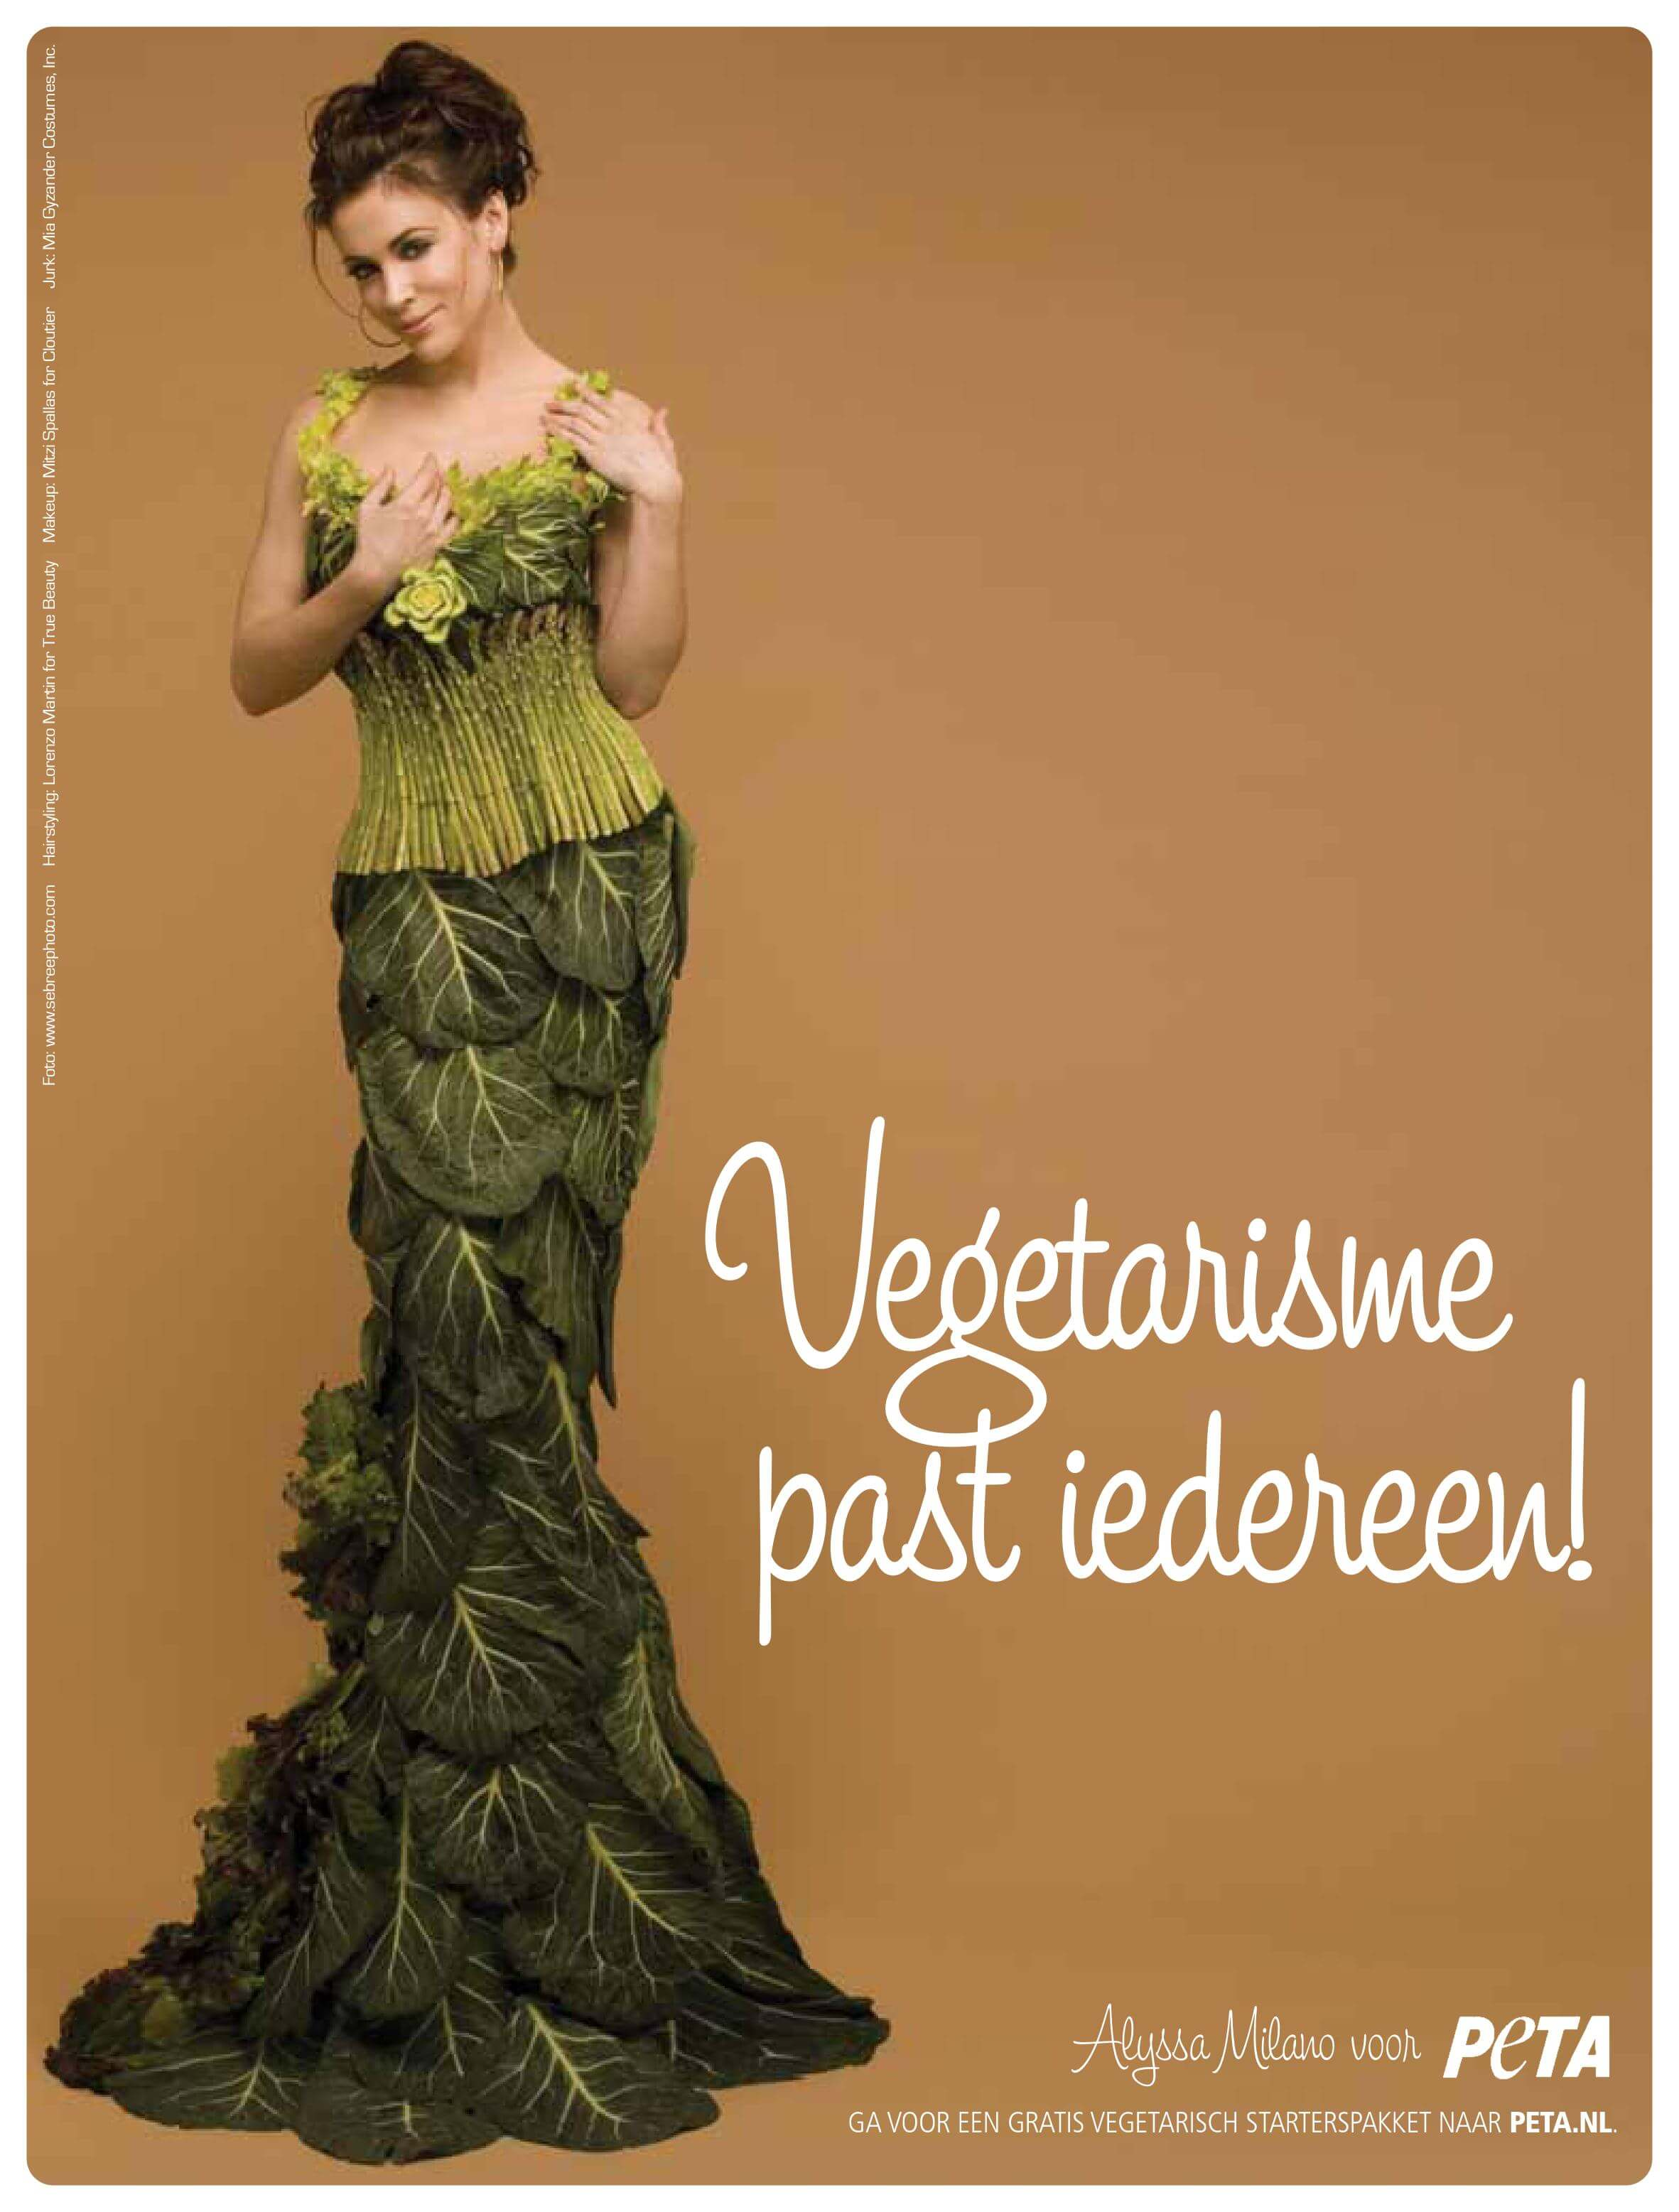 Alyssa Milano is PETA's meest Charmante Groenten Godin tot nu toe!